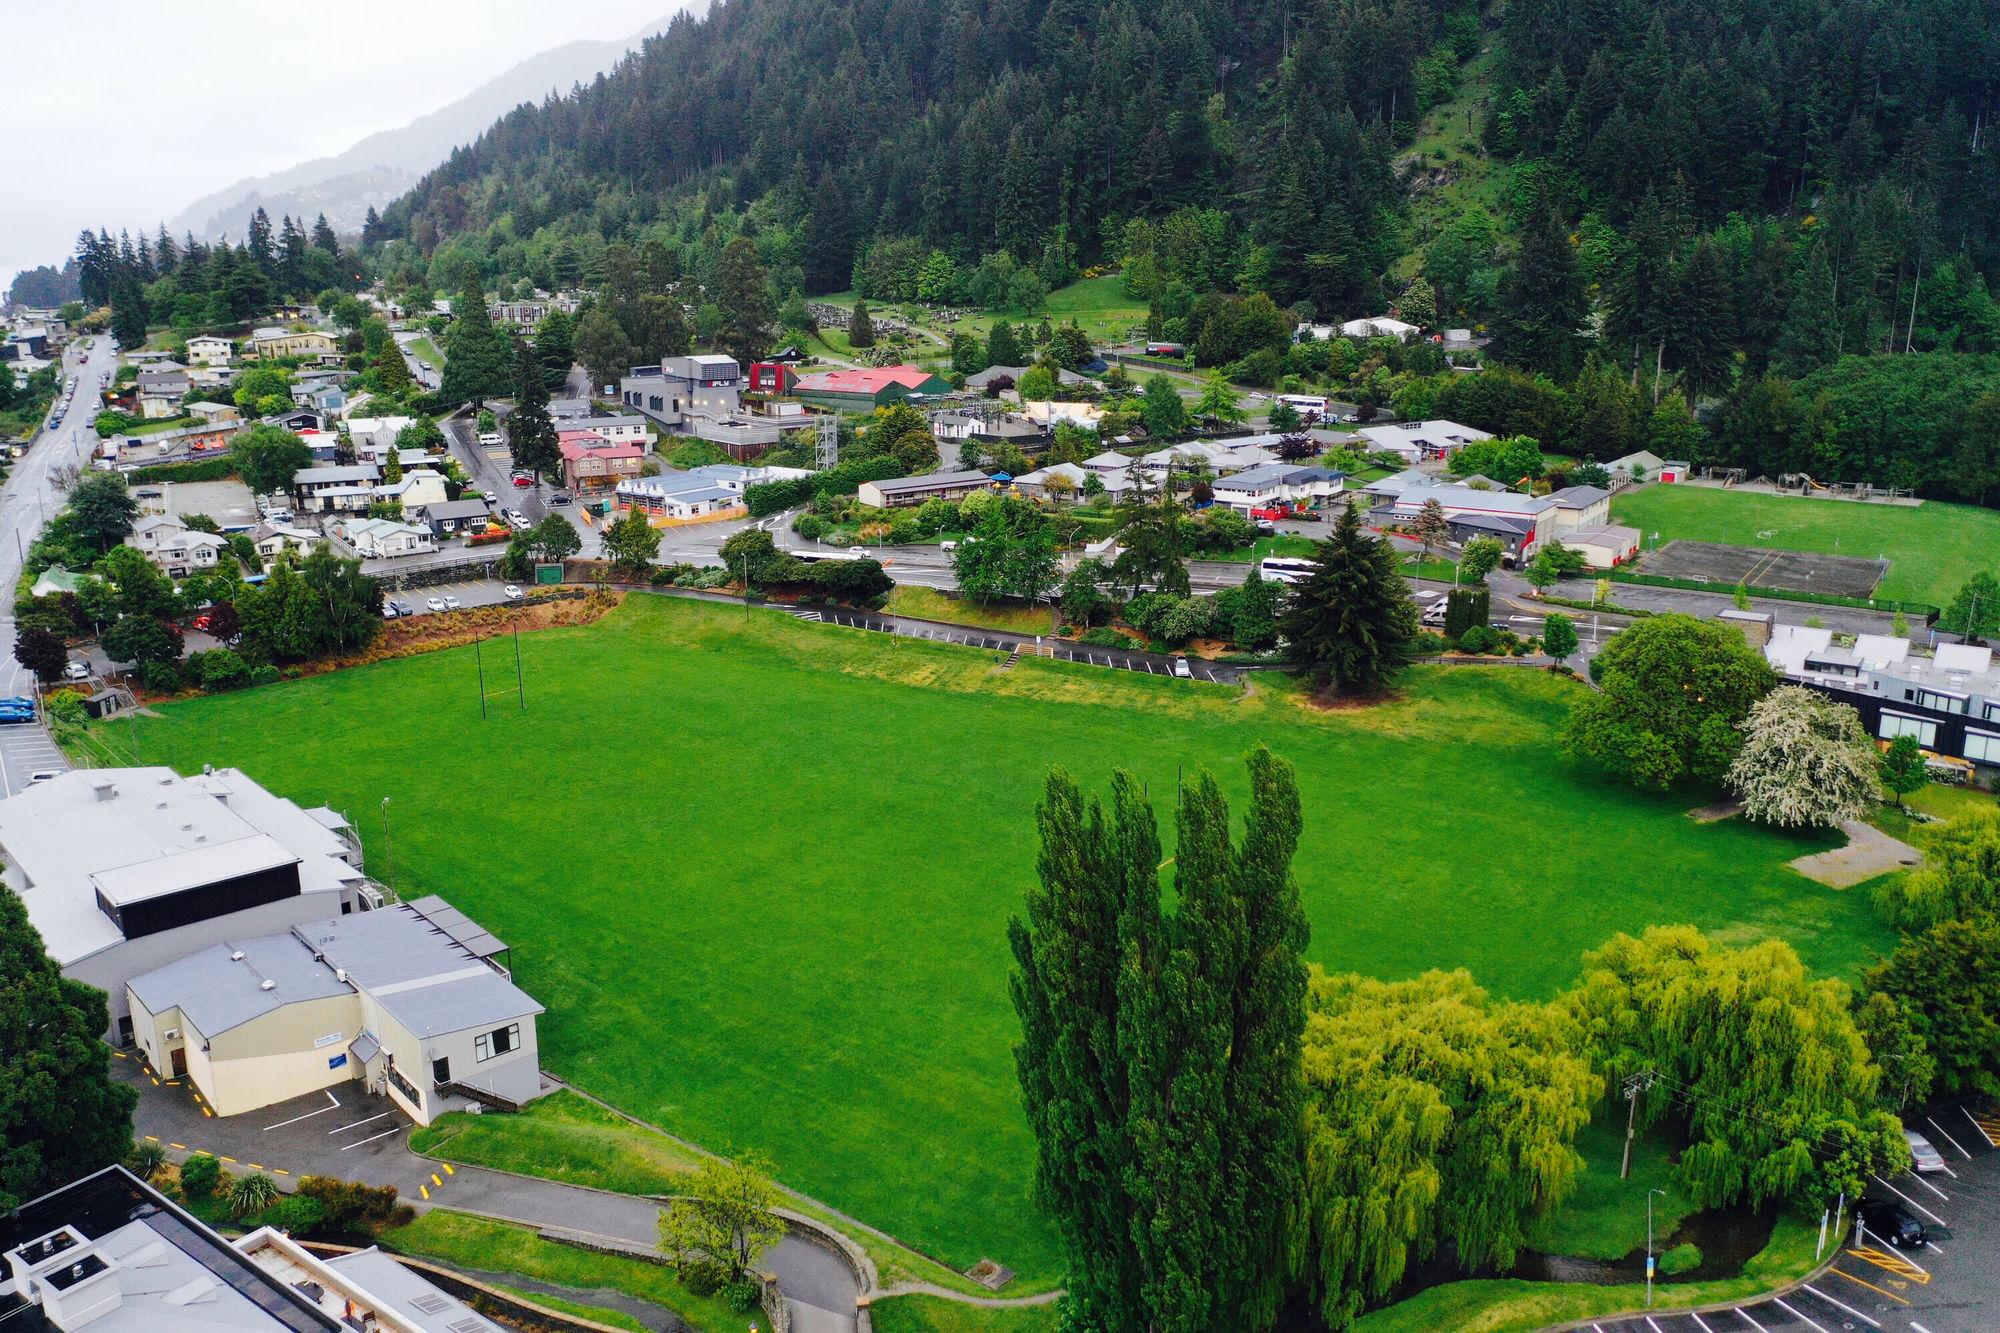 2019新西兰自驾游 - 美哉女王镇与壮哉米佛湾 Queenstown & Milford Sound